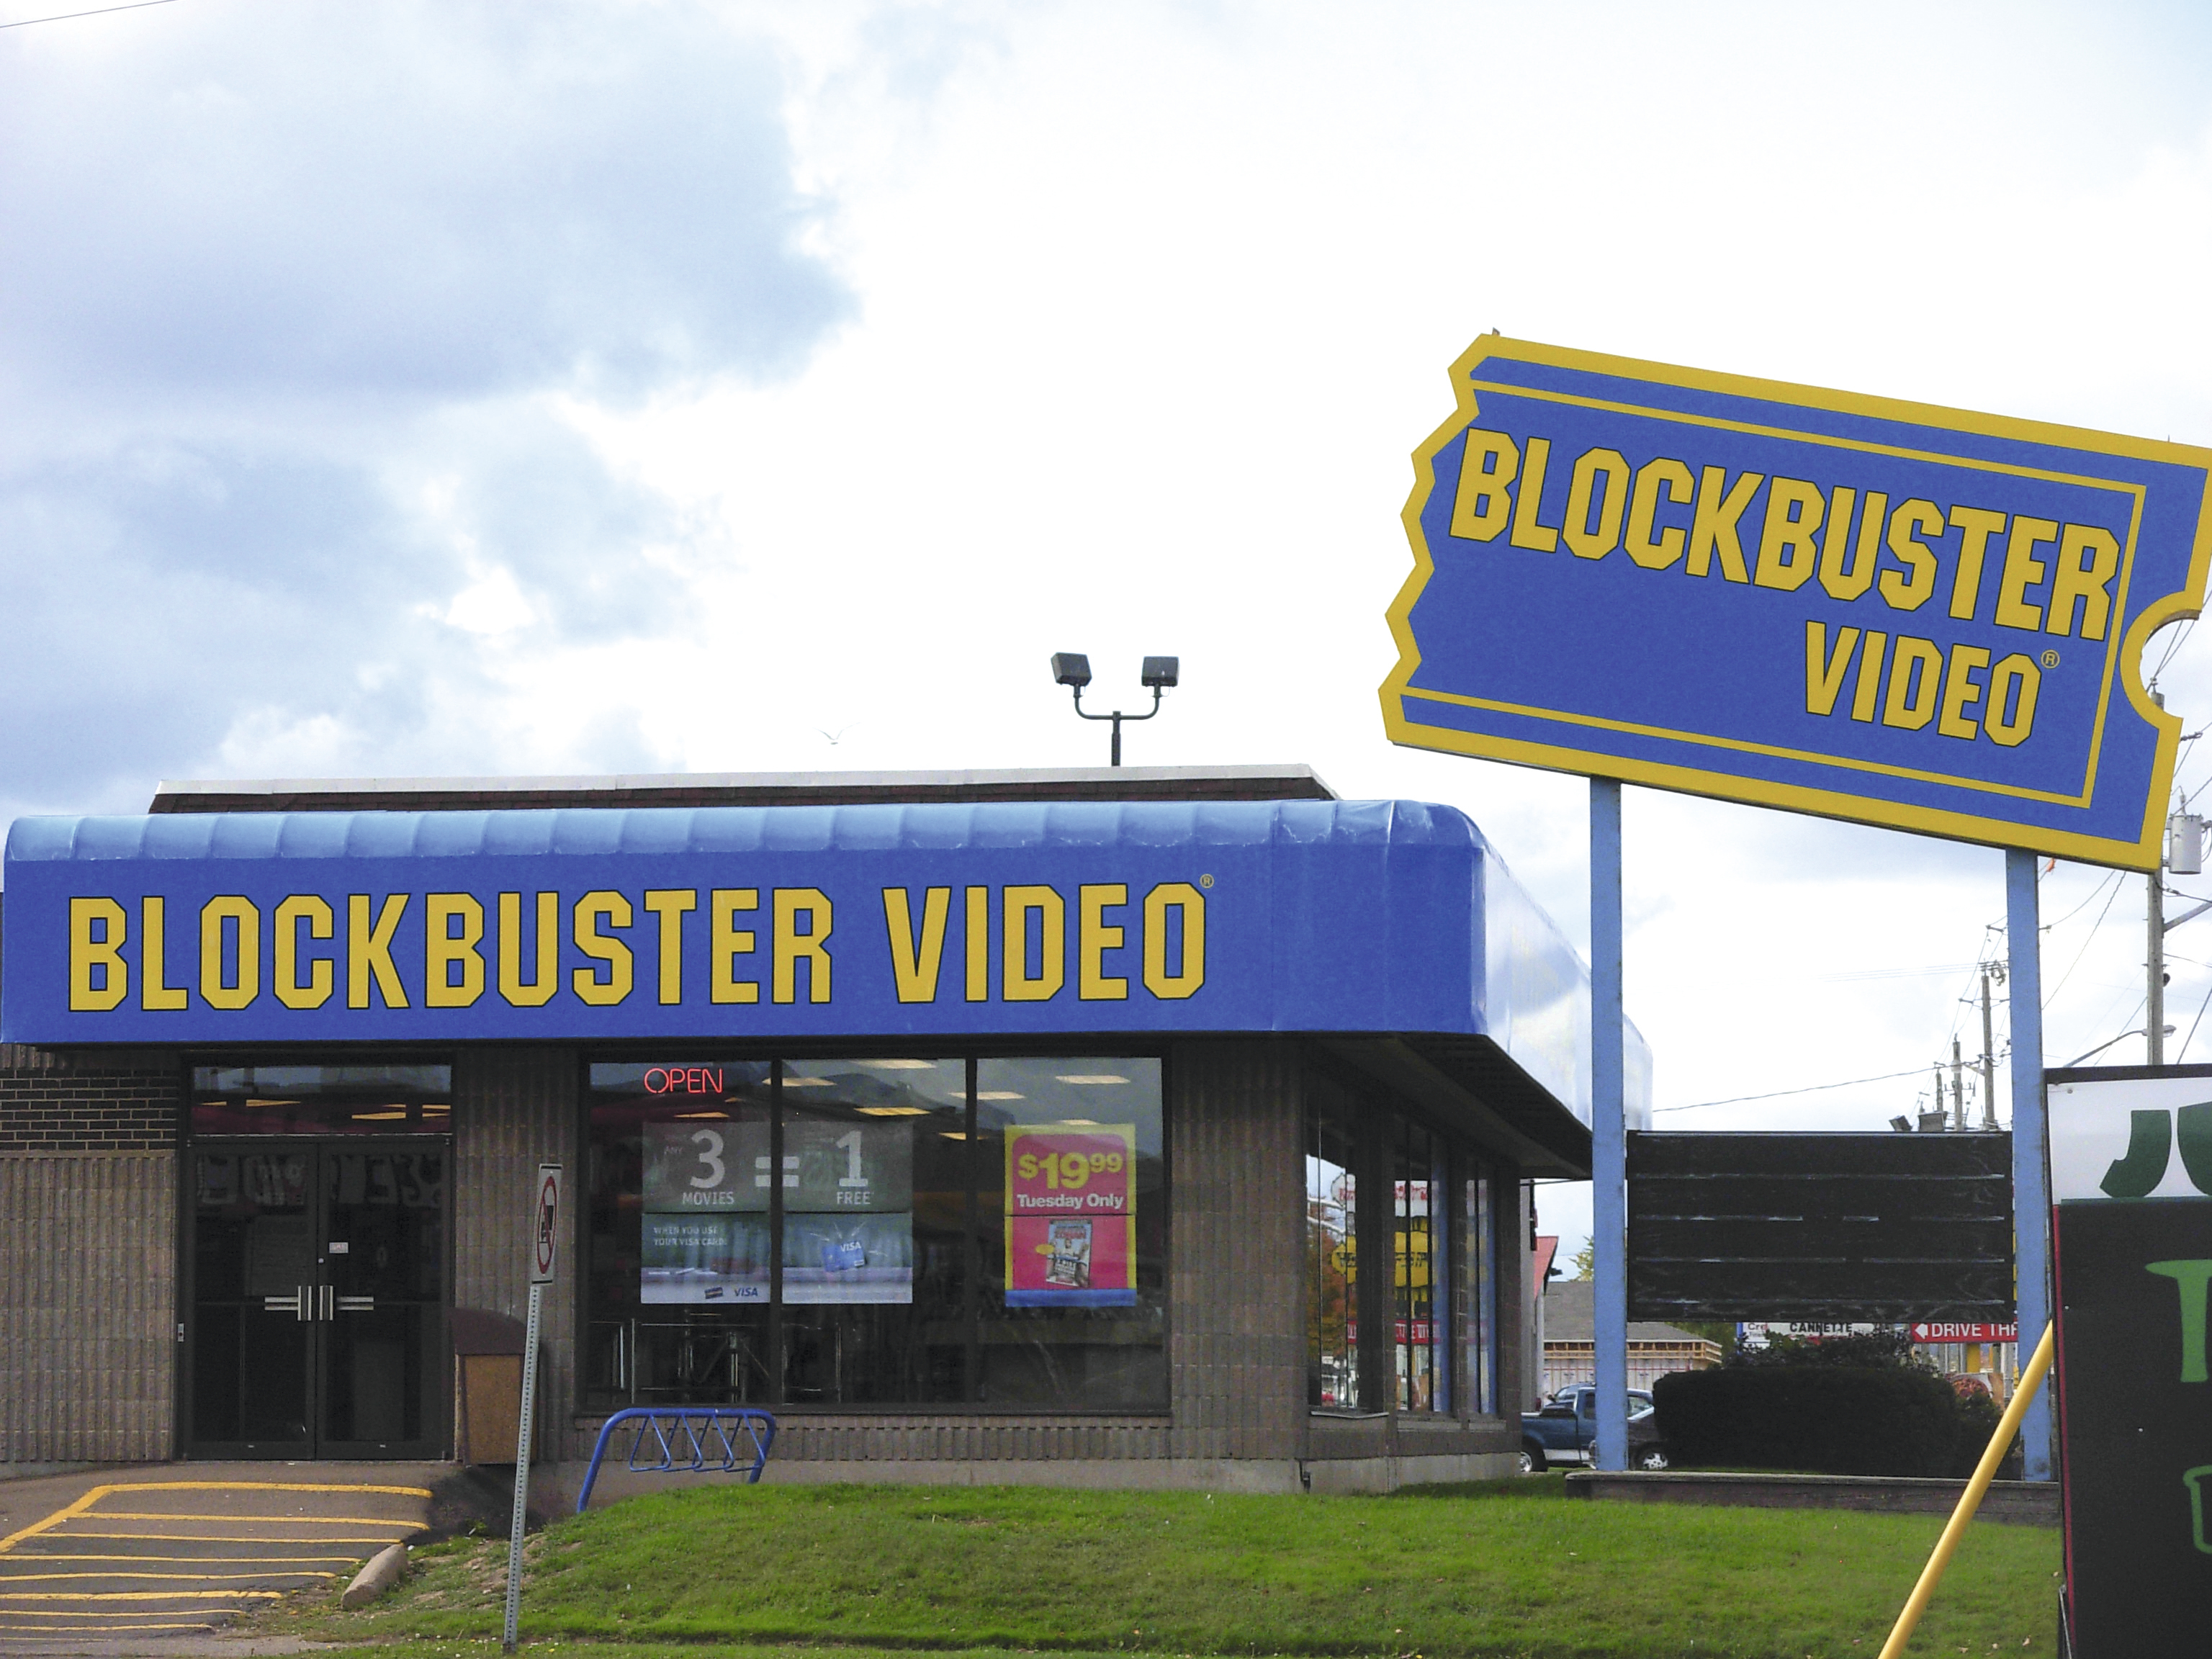 Les vidéo clubs Blockbuster auraient dûracheter Netflix pour survivre